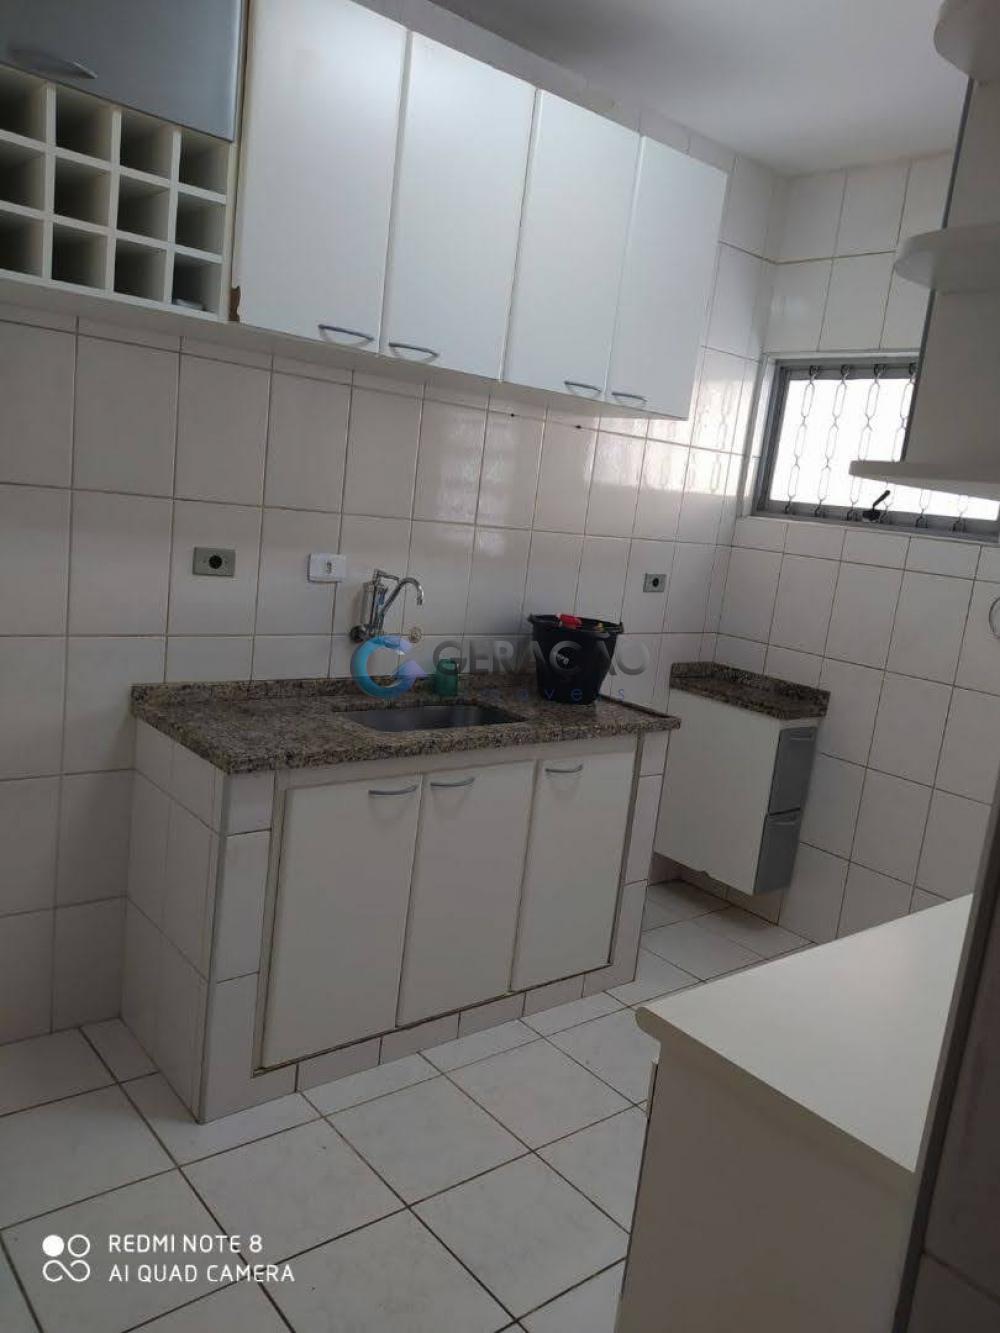 Alugar Casa / Sobrado em São José dos Campos R$ 2.250,00 - Foto 14